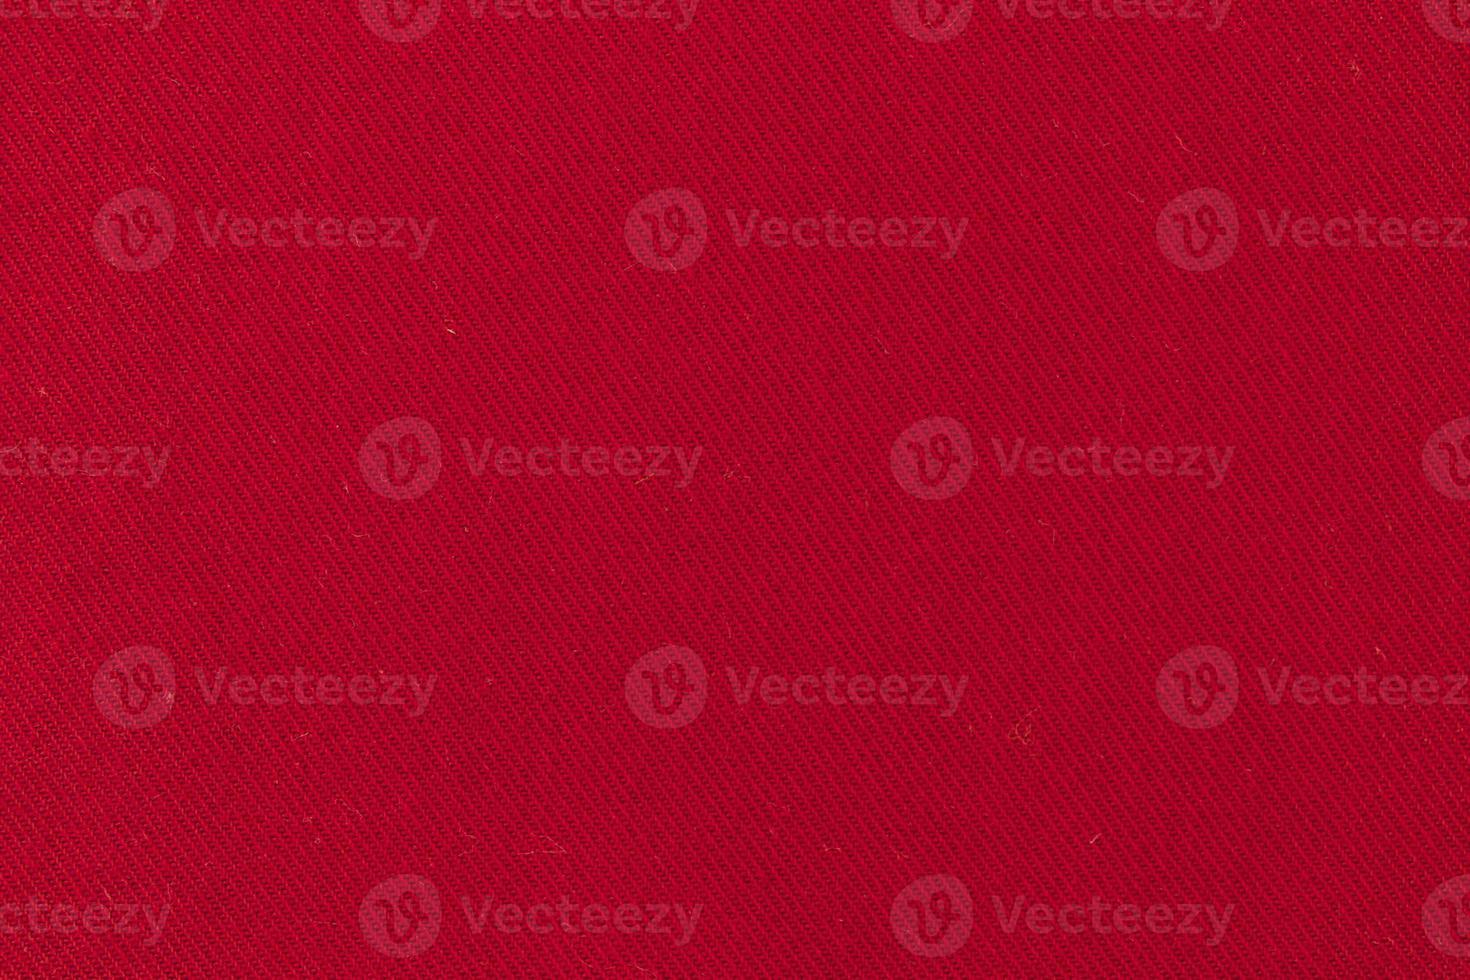 fondo de tela textil roja foto